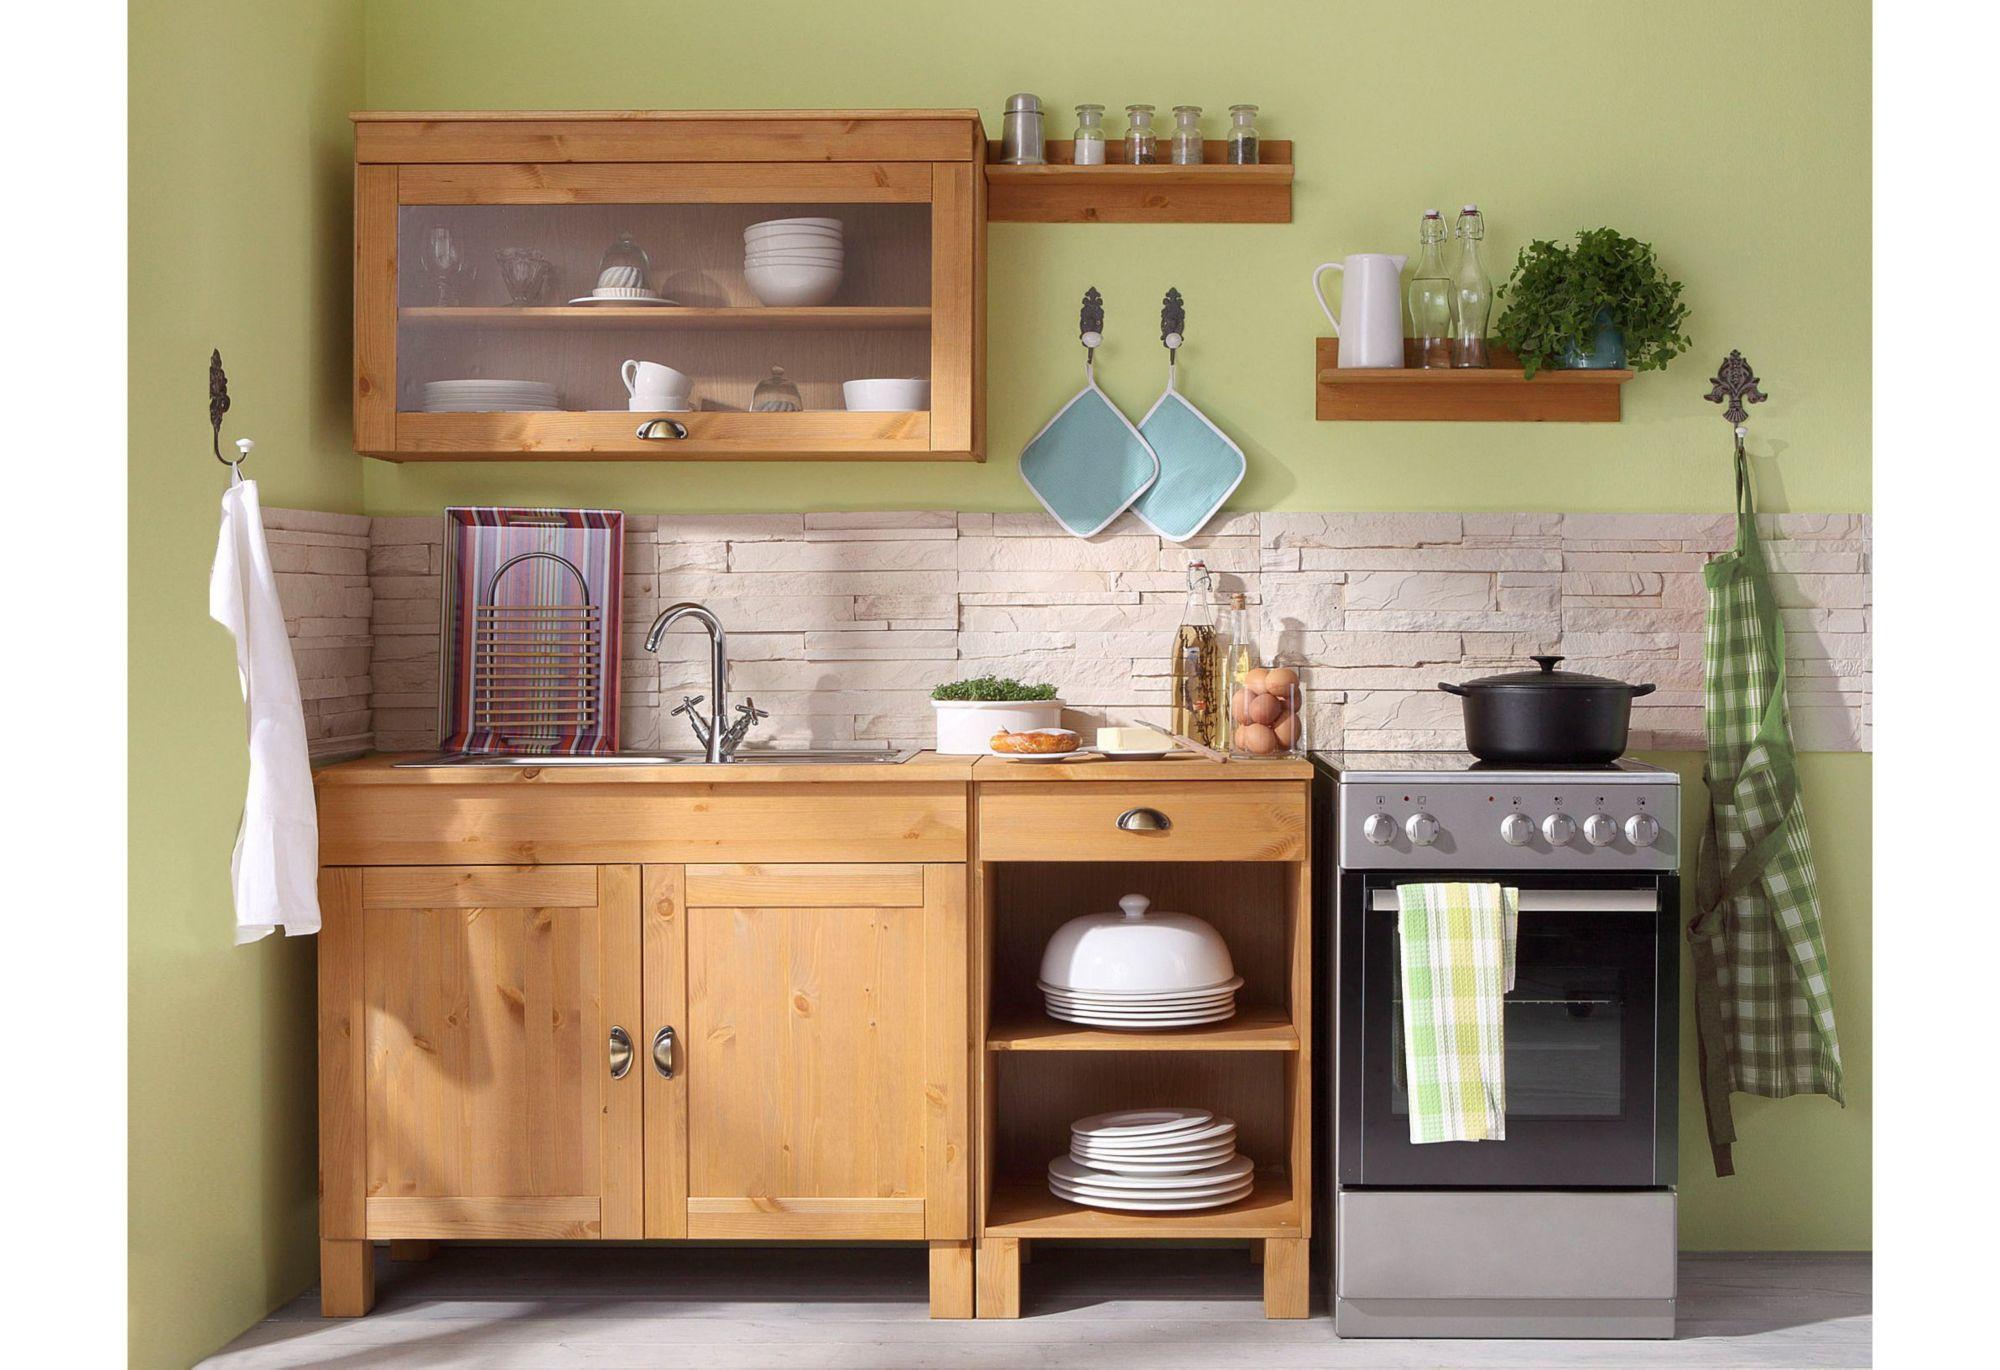 k chenschr nke im schwab online shop m bel k che. Black Bedroom Furniture Sets. Home Design Ideas